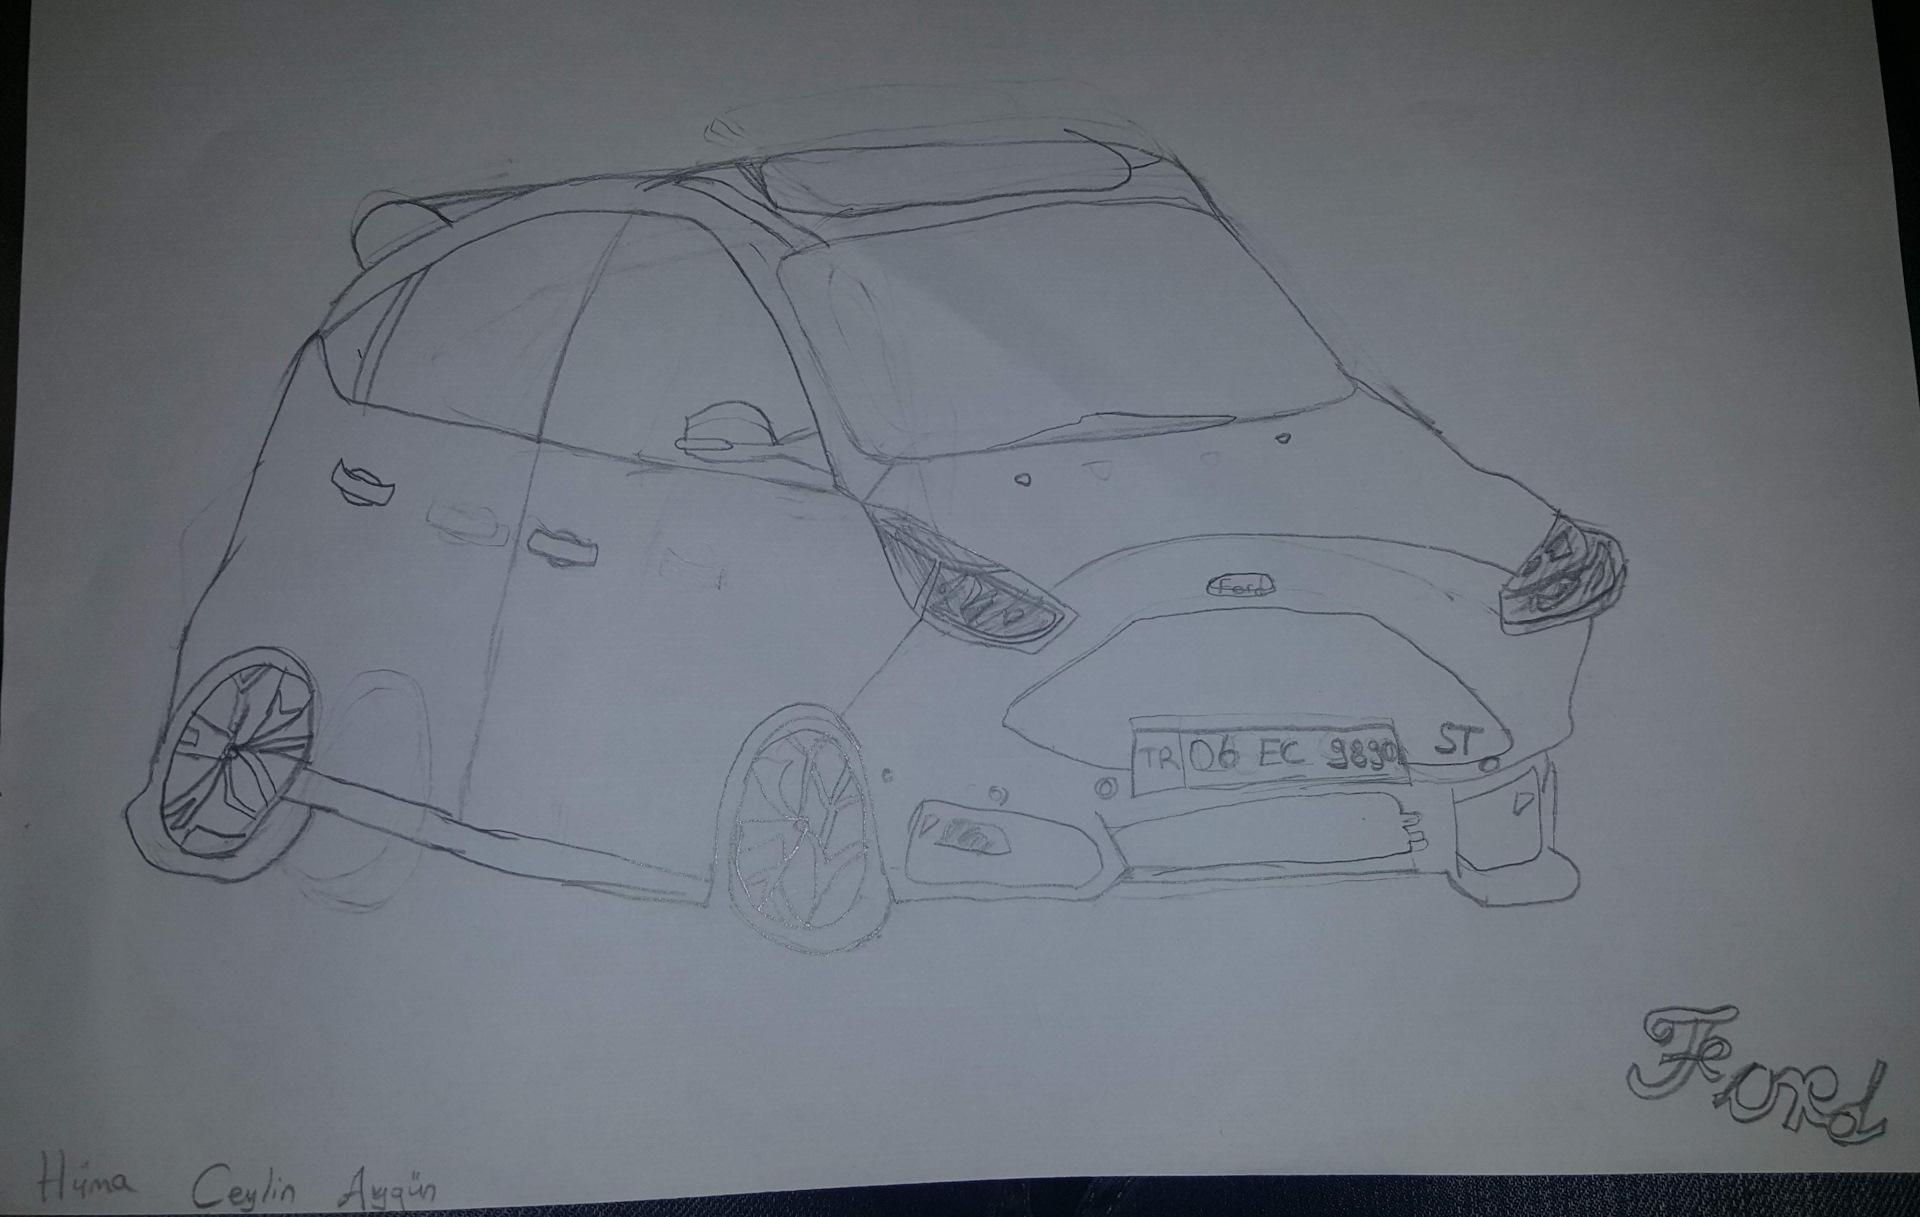 картинки форд фокус карандашом